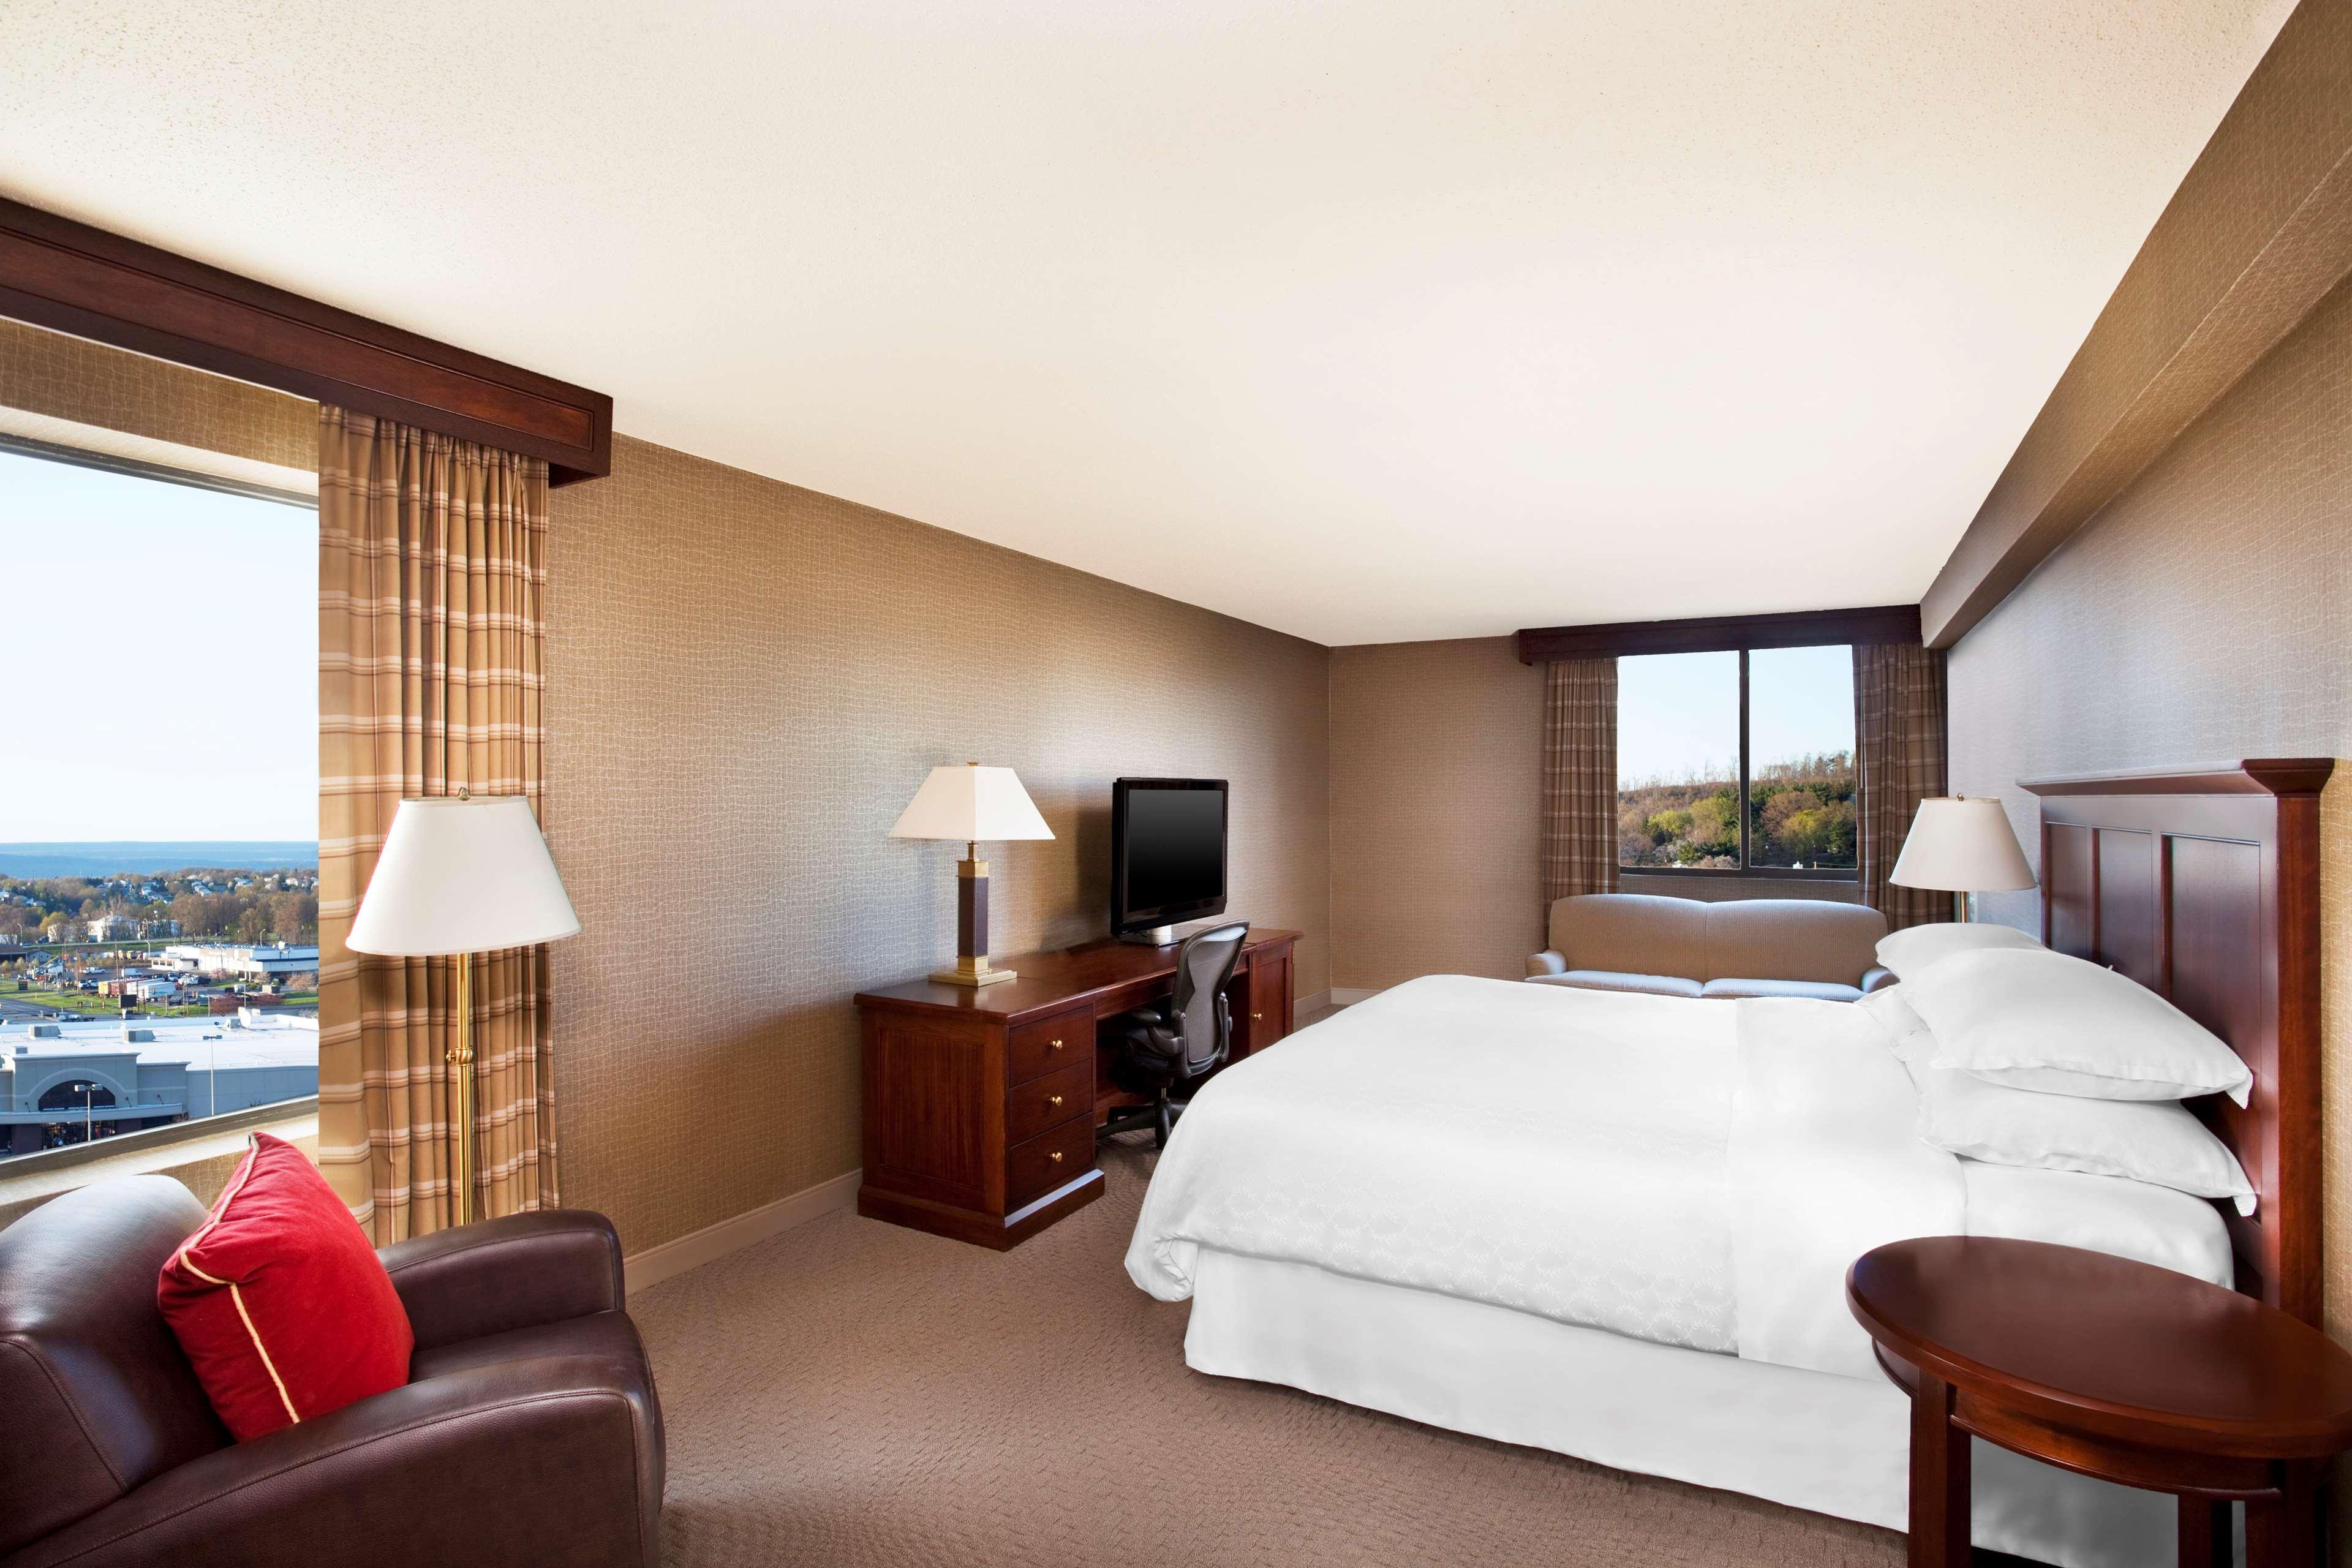 Sheraton Harrisburg Hershey Hotel image 6